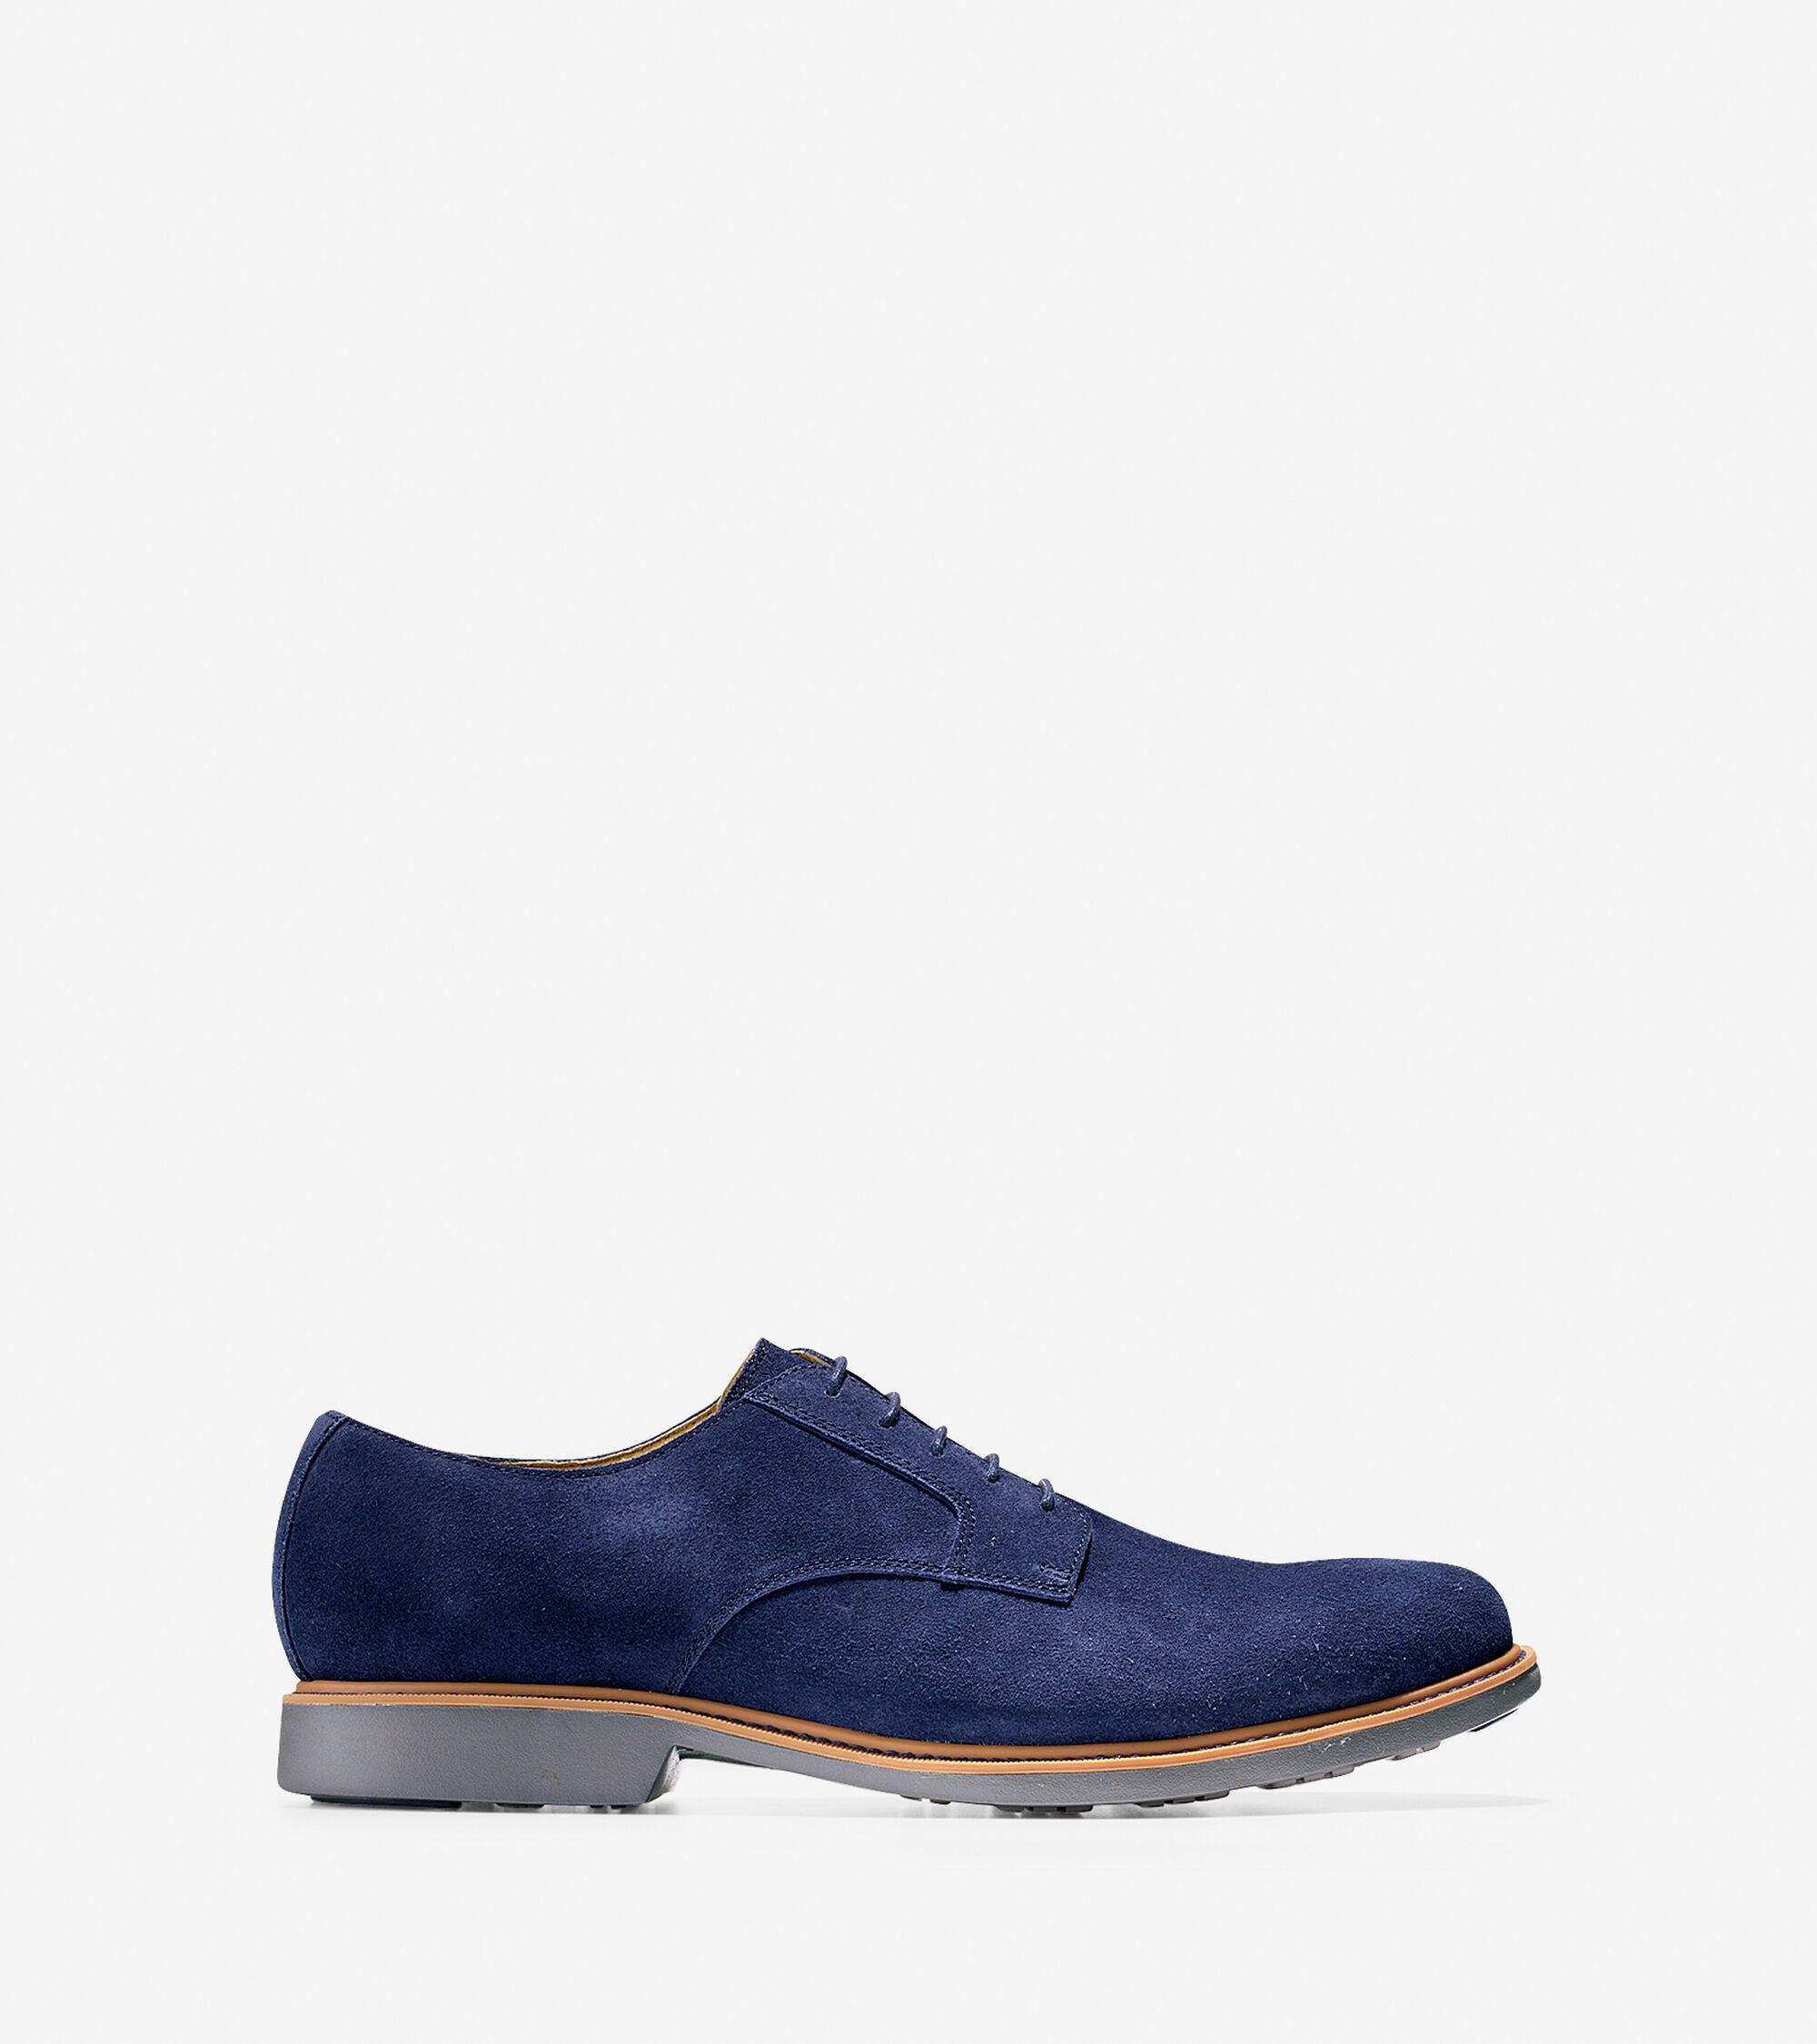 Shoes > Great Jones Plain Oxford